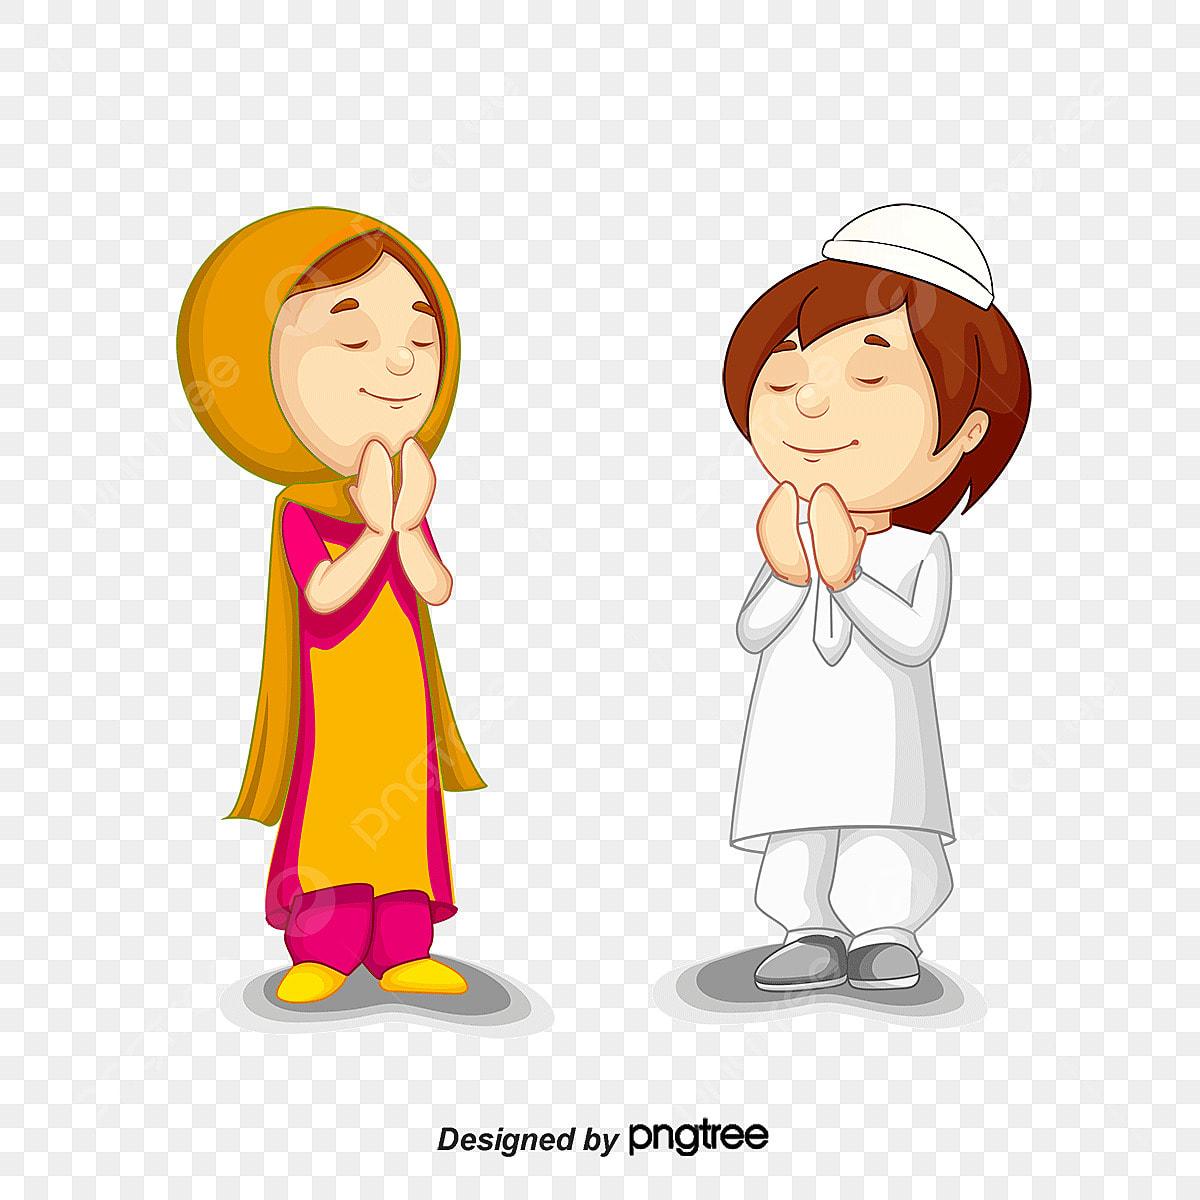 Gambar Muslim Png Vektor Psd Dan Clipart Dengan Latar Belakang Transparan Untuk Download Gratis Pngtree